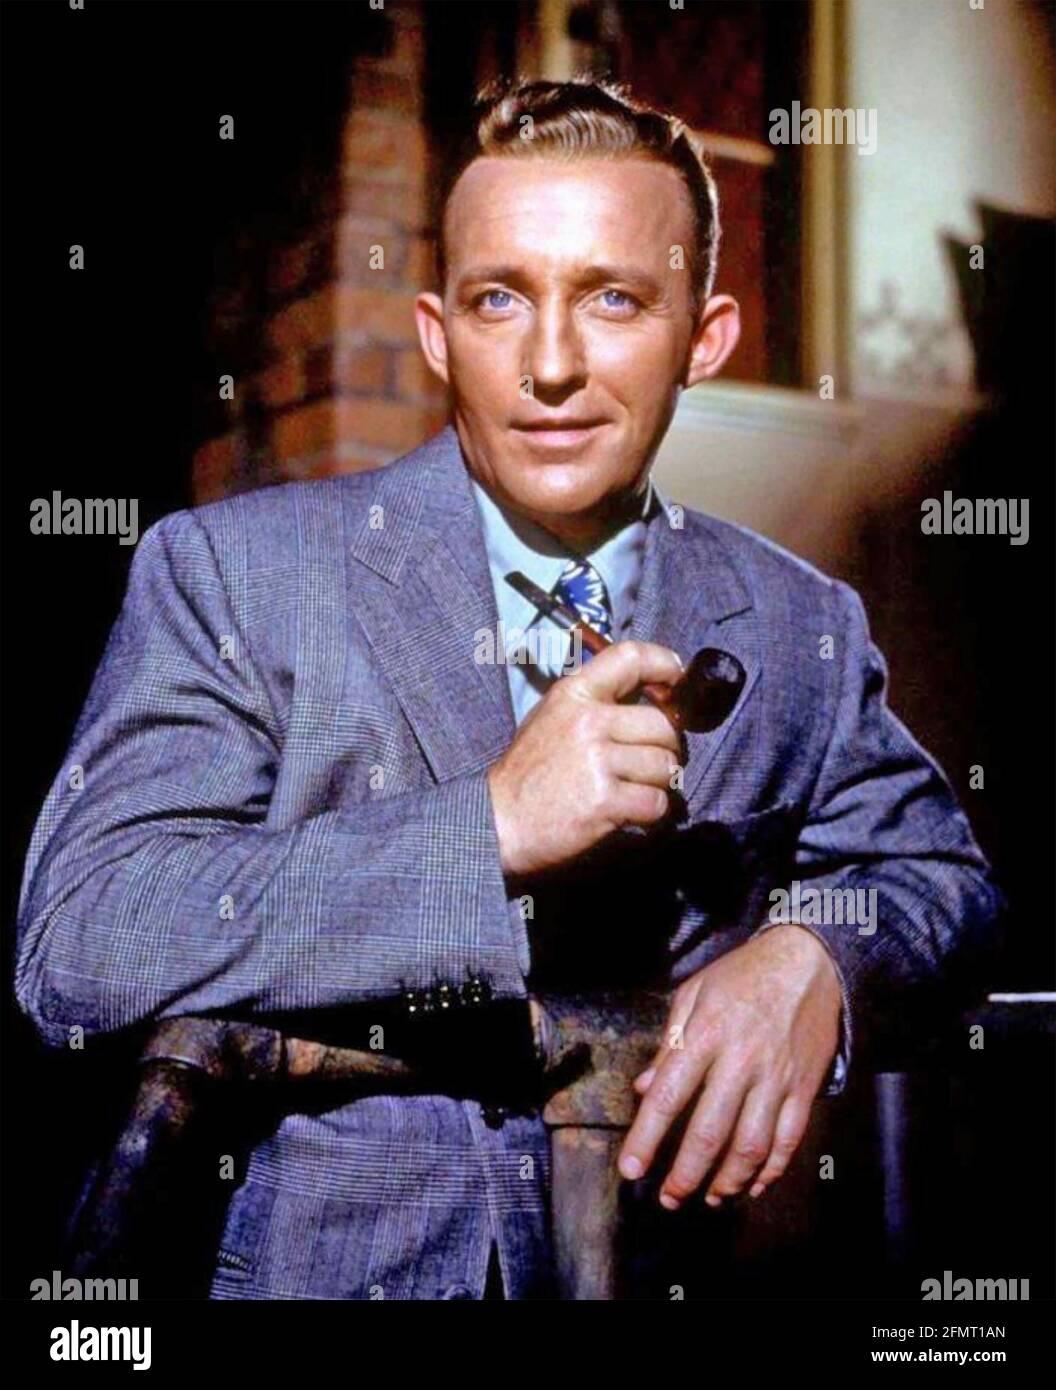 BING CROSBY (1903-1977) americano, cantante e attore cinematografico circa 1950 Foto Stock